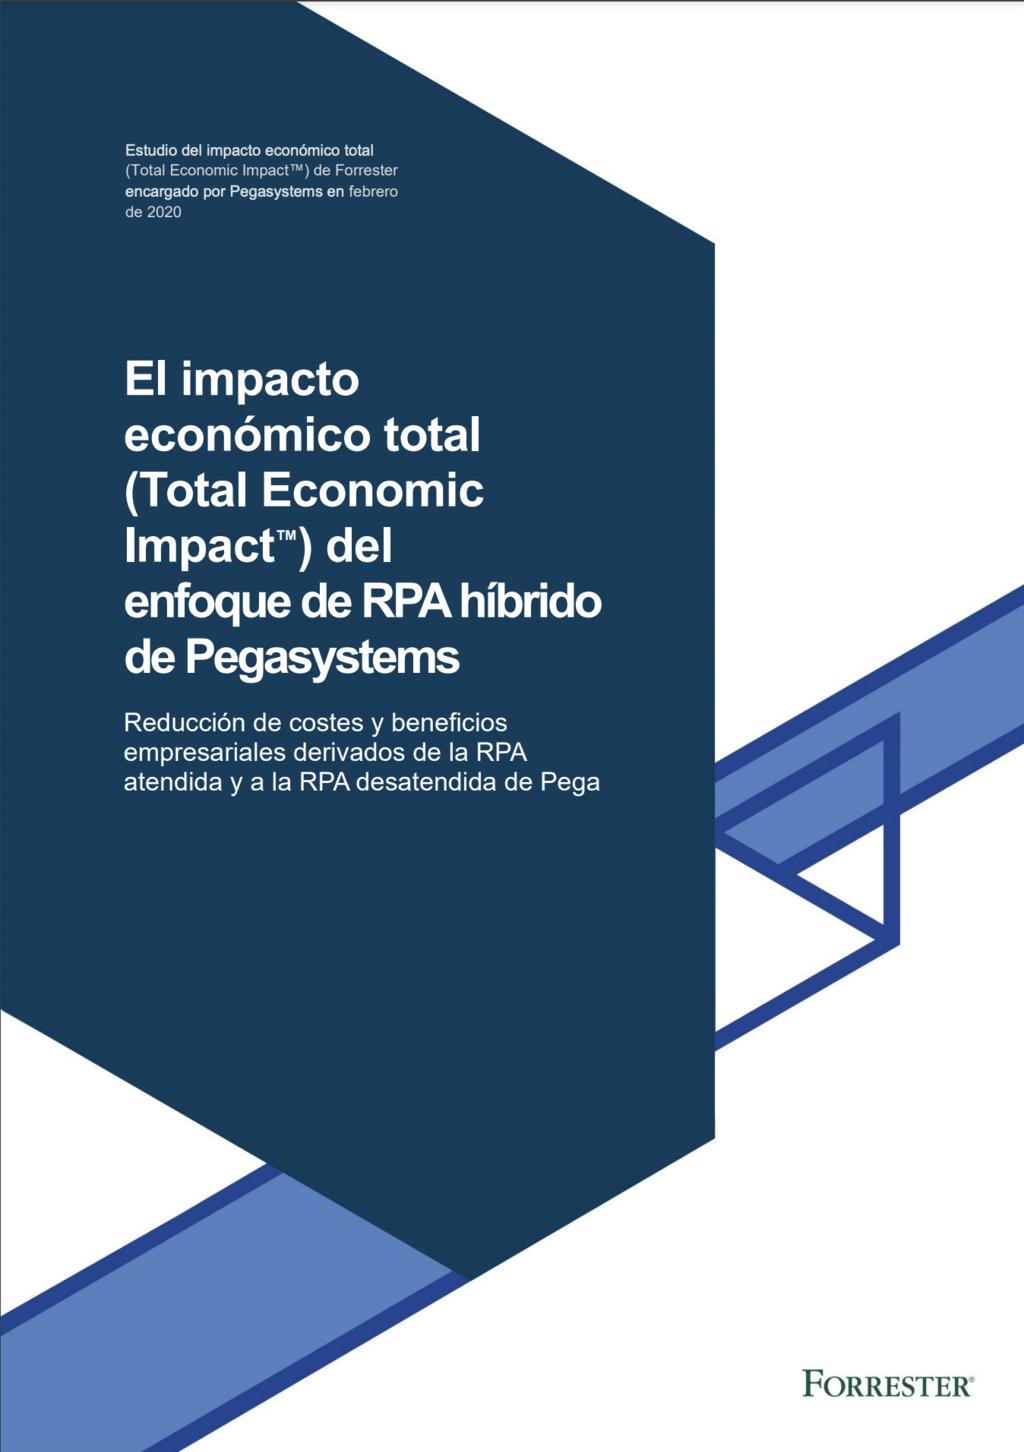 ES-asset-title-page